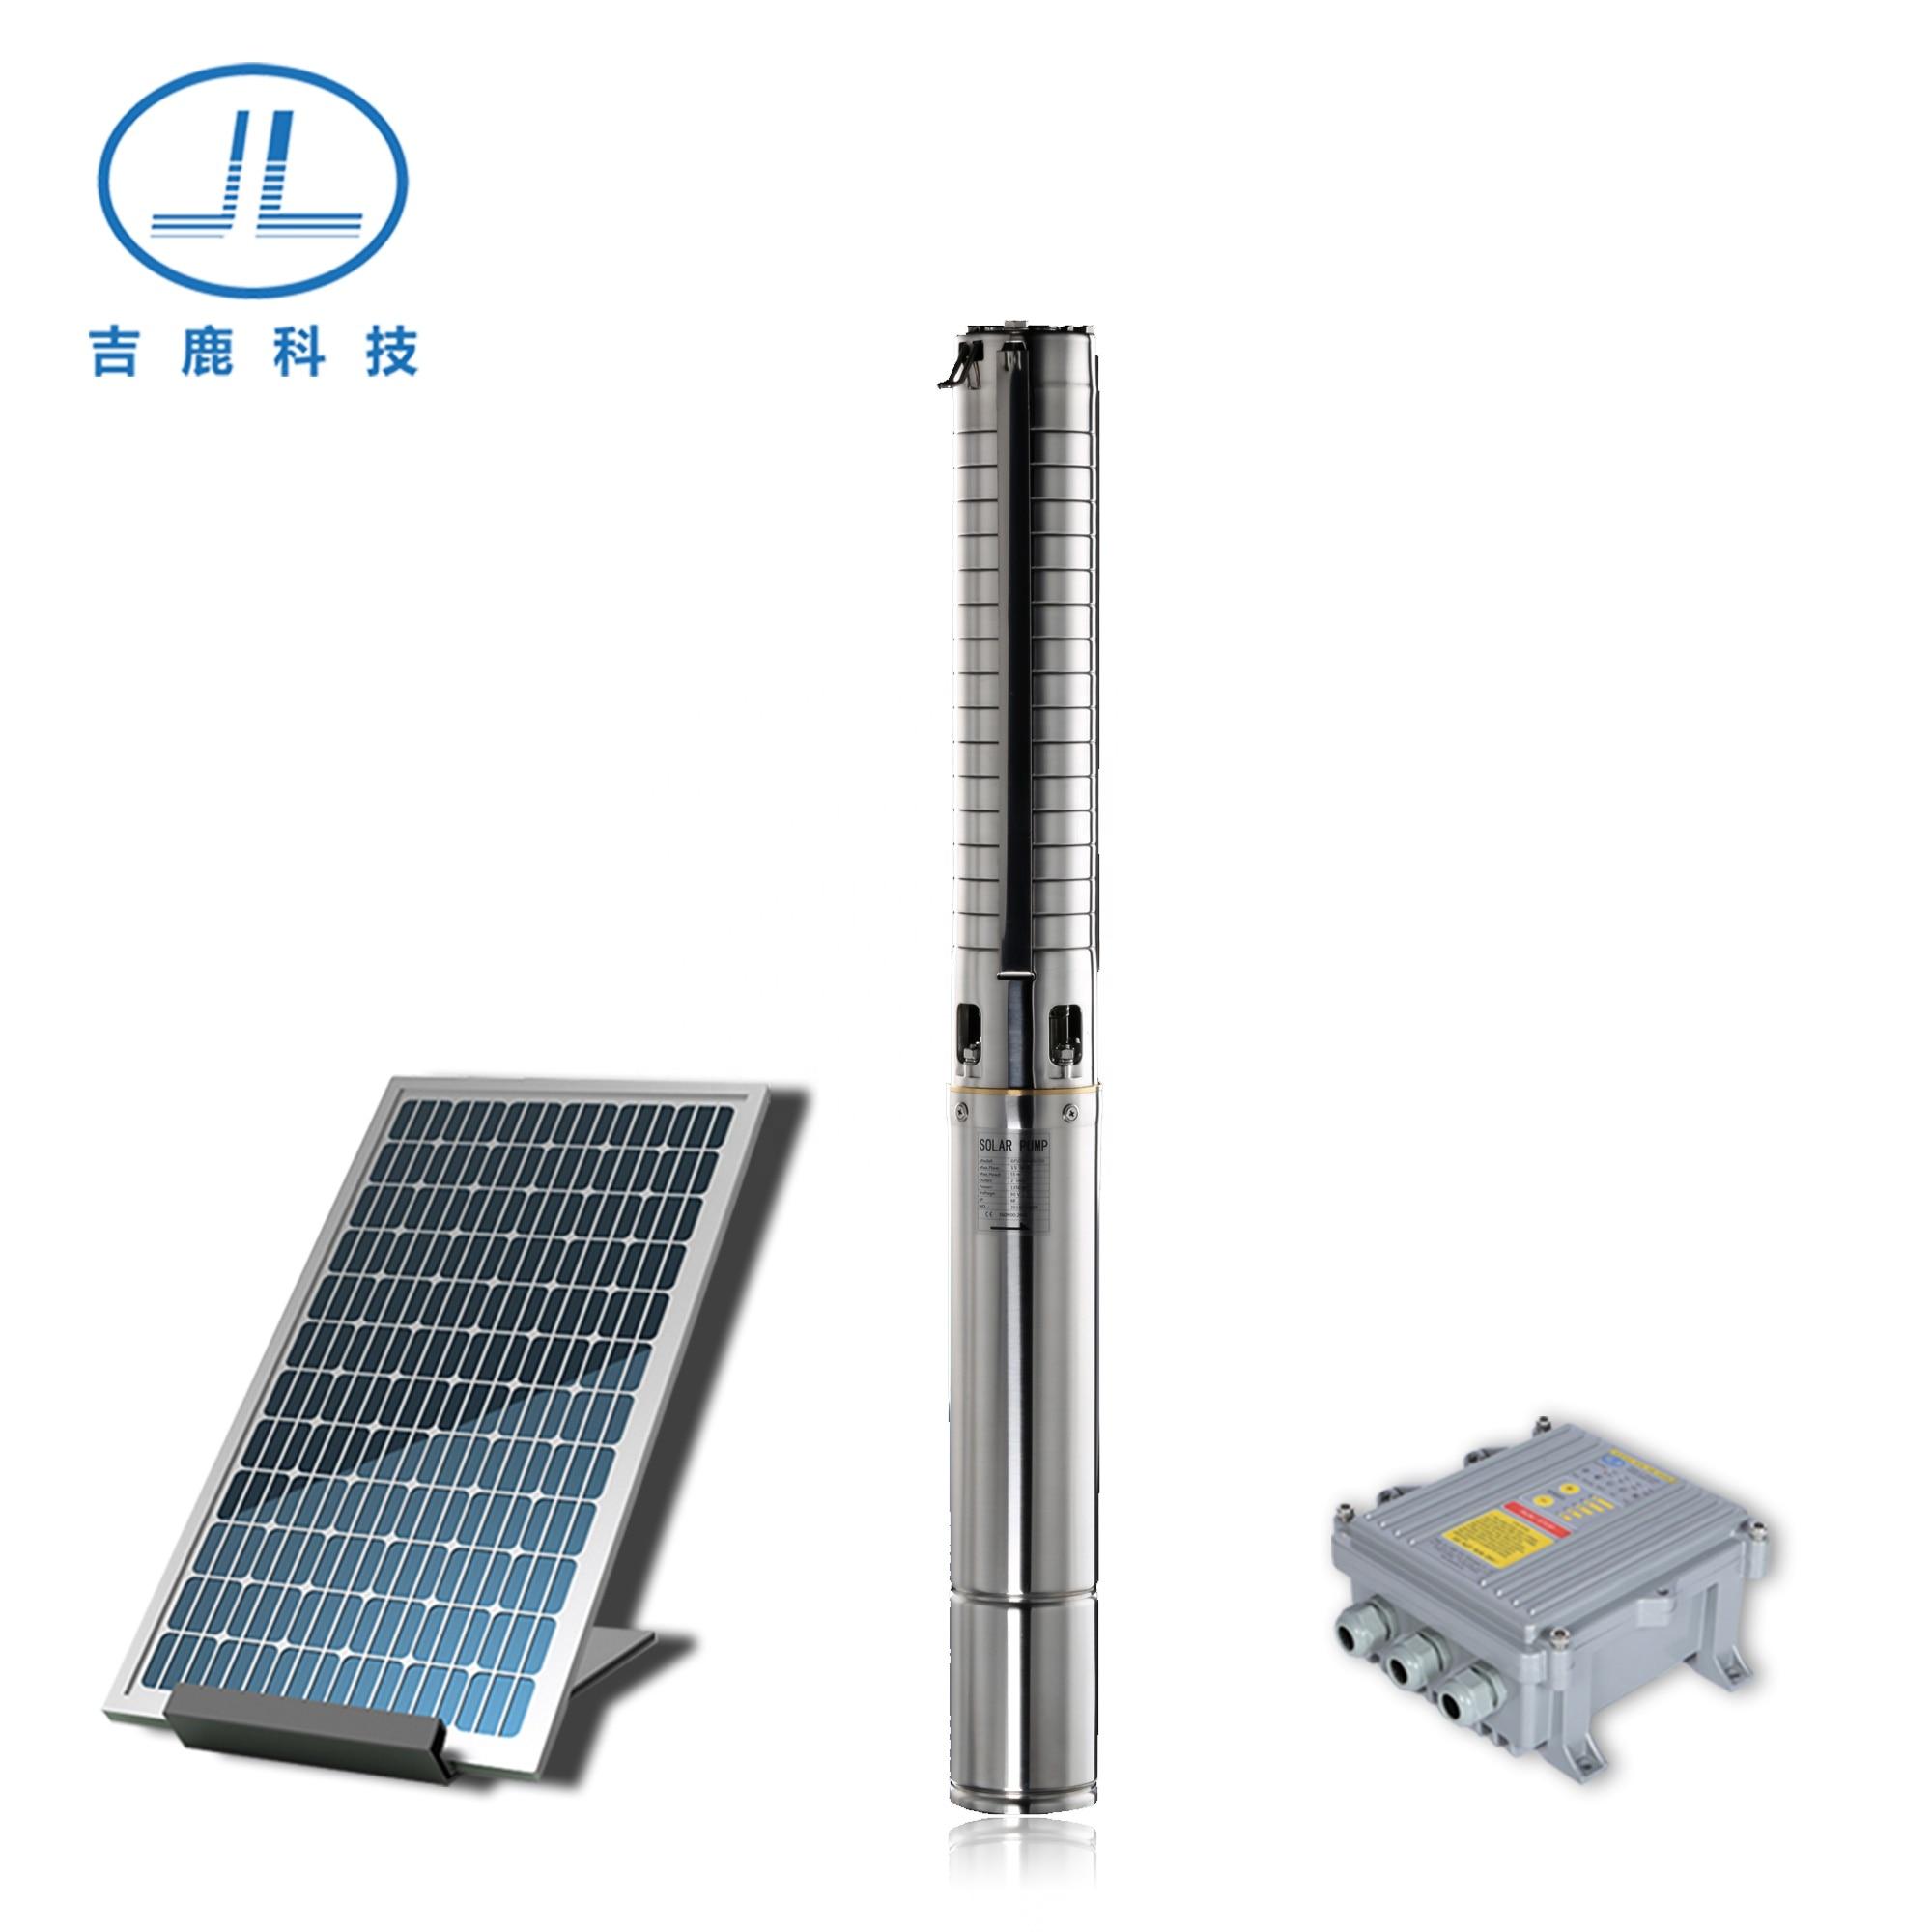 4 بوصة 2.4HP بئر مضخة غاطسة بالطاقة الشمسية لبث المباشر الشرب عمر طويل